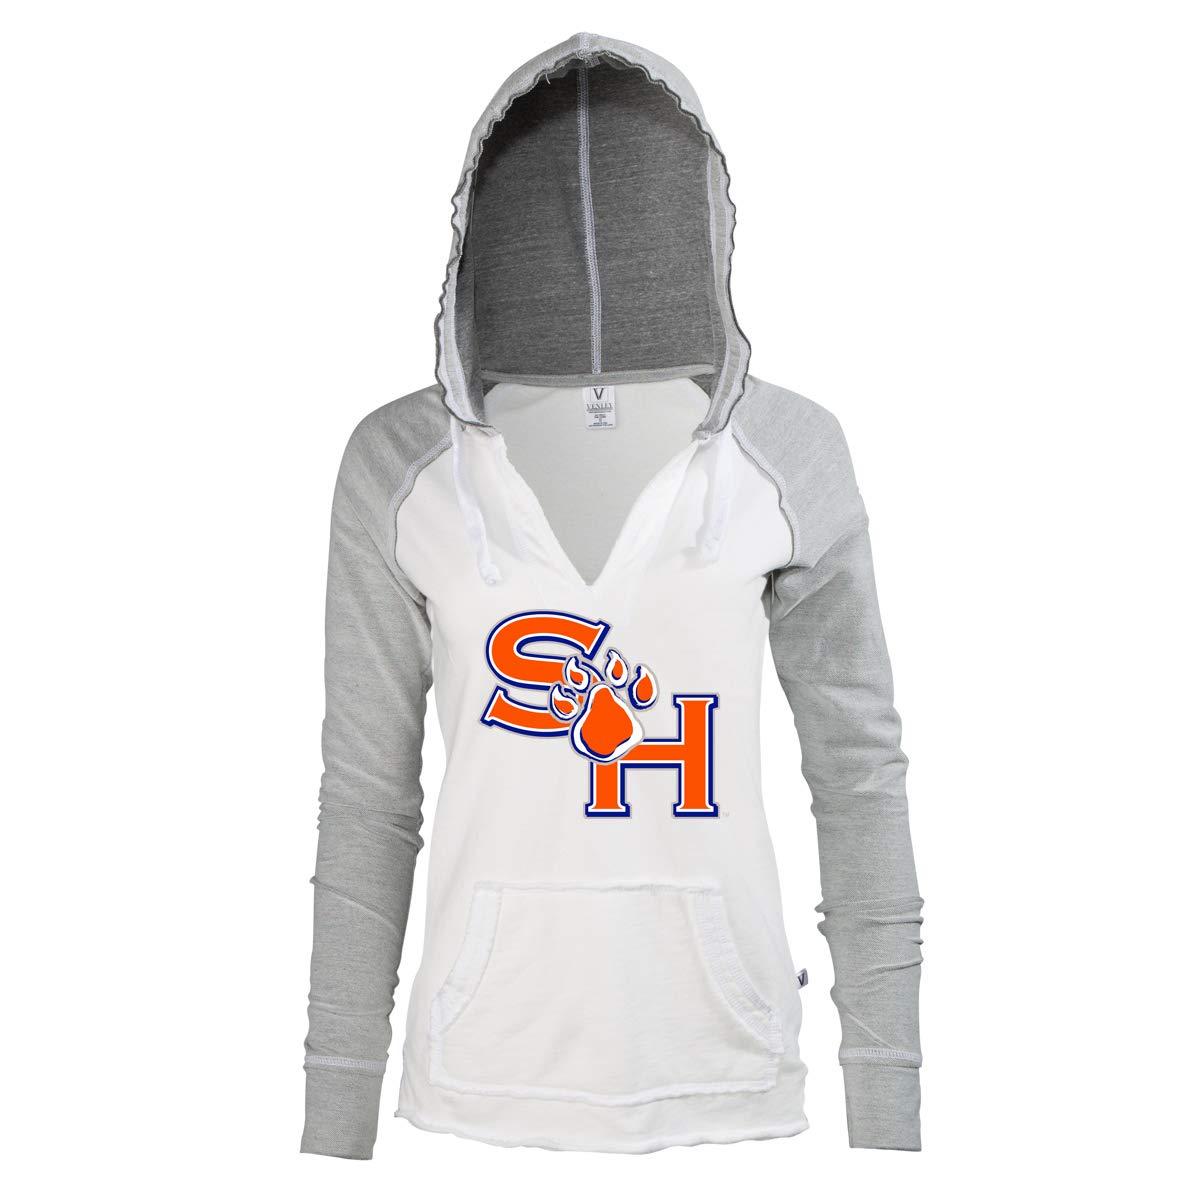 Official NCAA SHSU Bearkats Women's Hooded Fleece V-Neck Baseball Sweatshirt